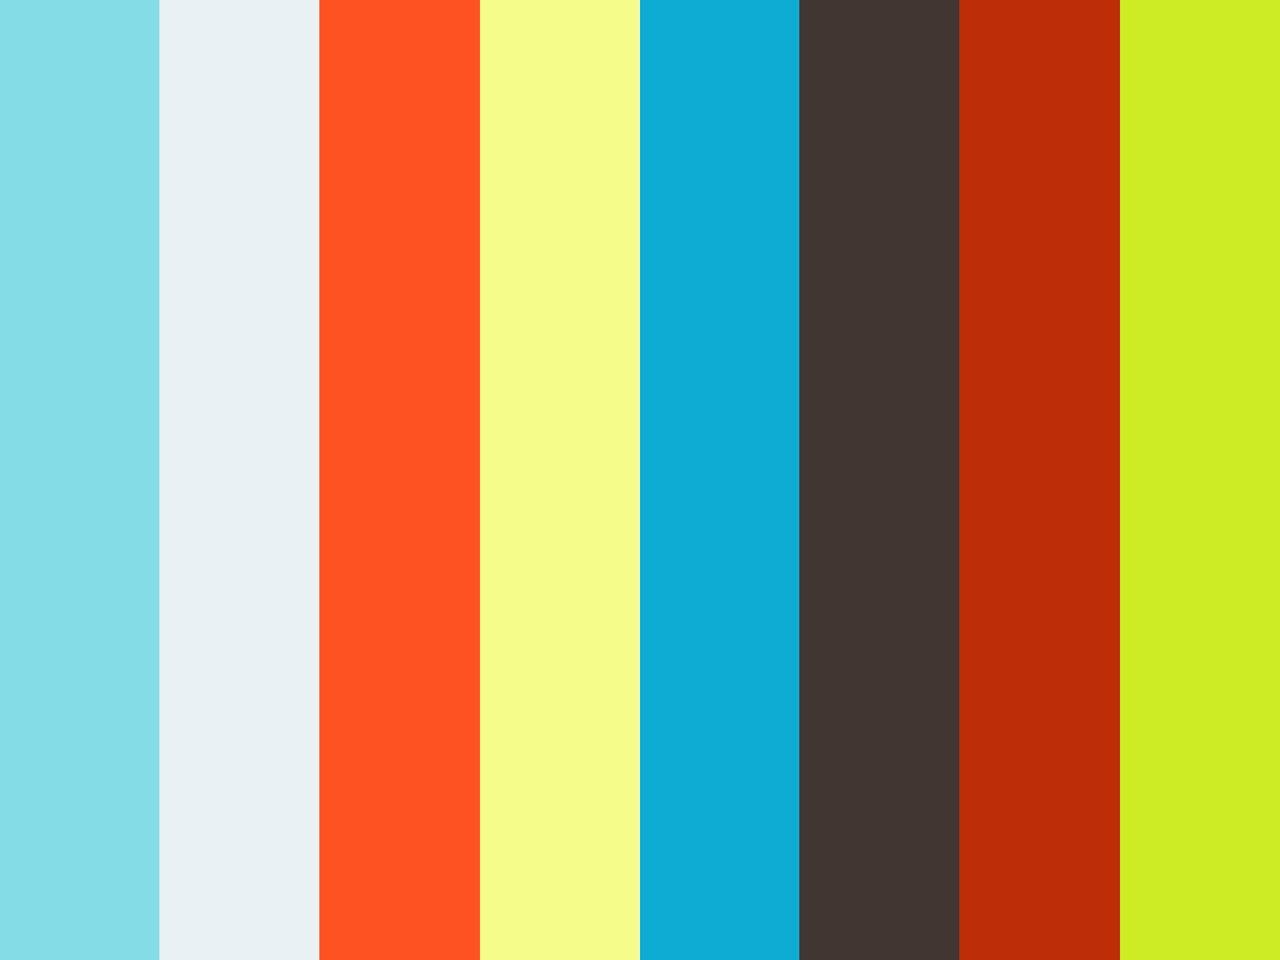 Consumer segmentation | Segment 06